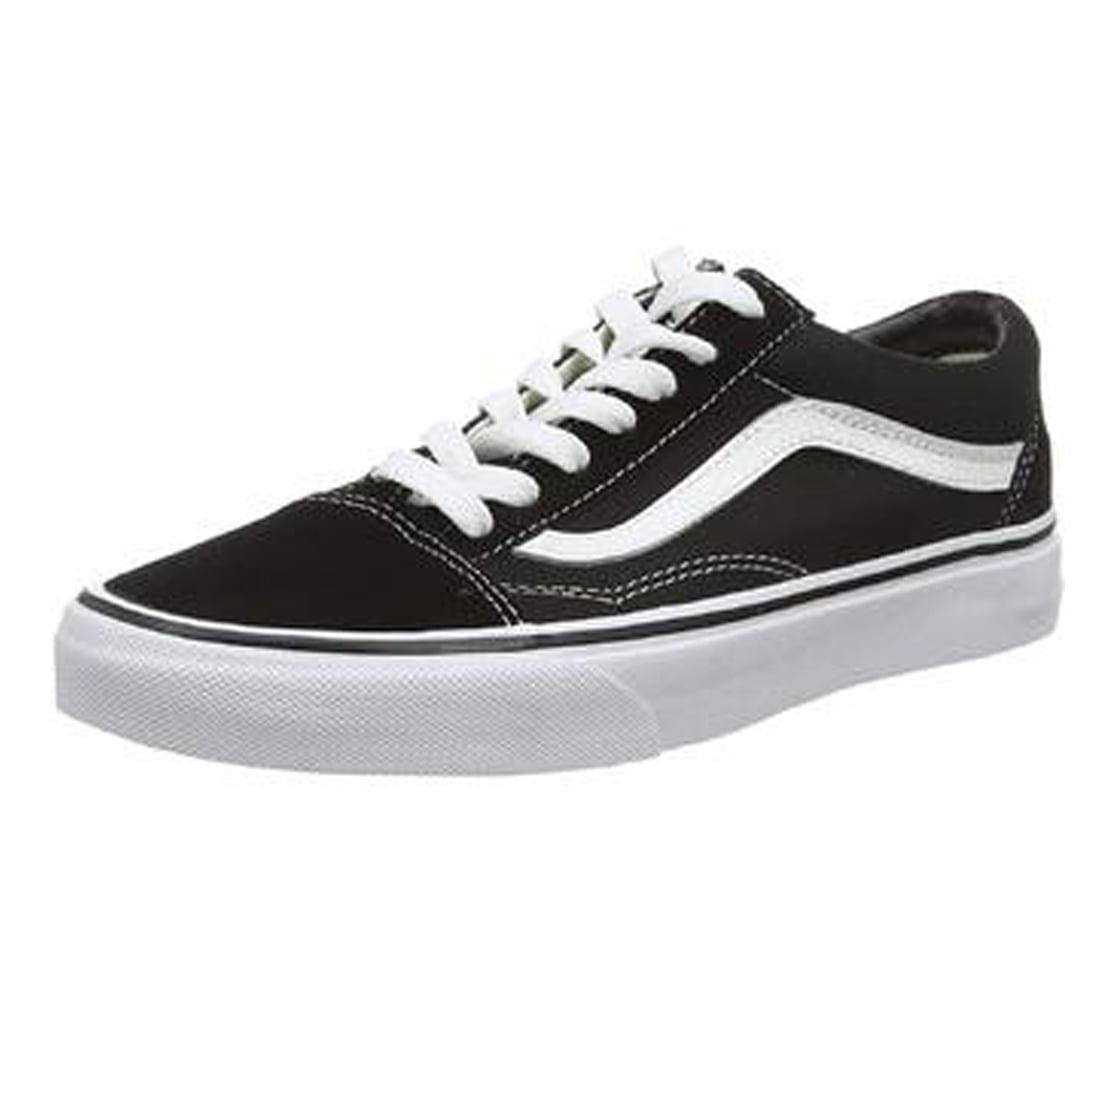 Vans Old Skool Men/Adult Shoe Size Mens 17 Athletics VN000D3HY28 (Black/White)